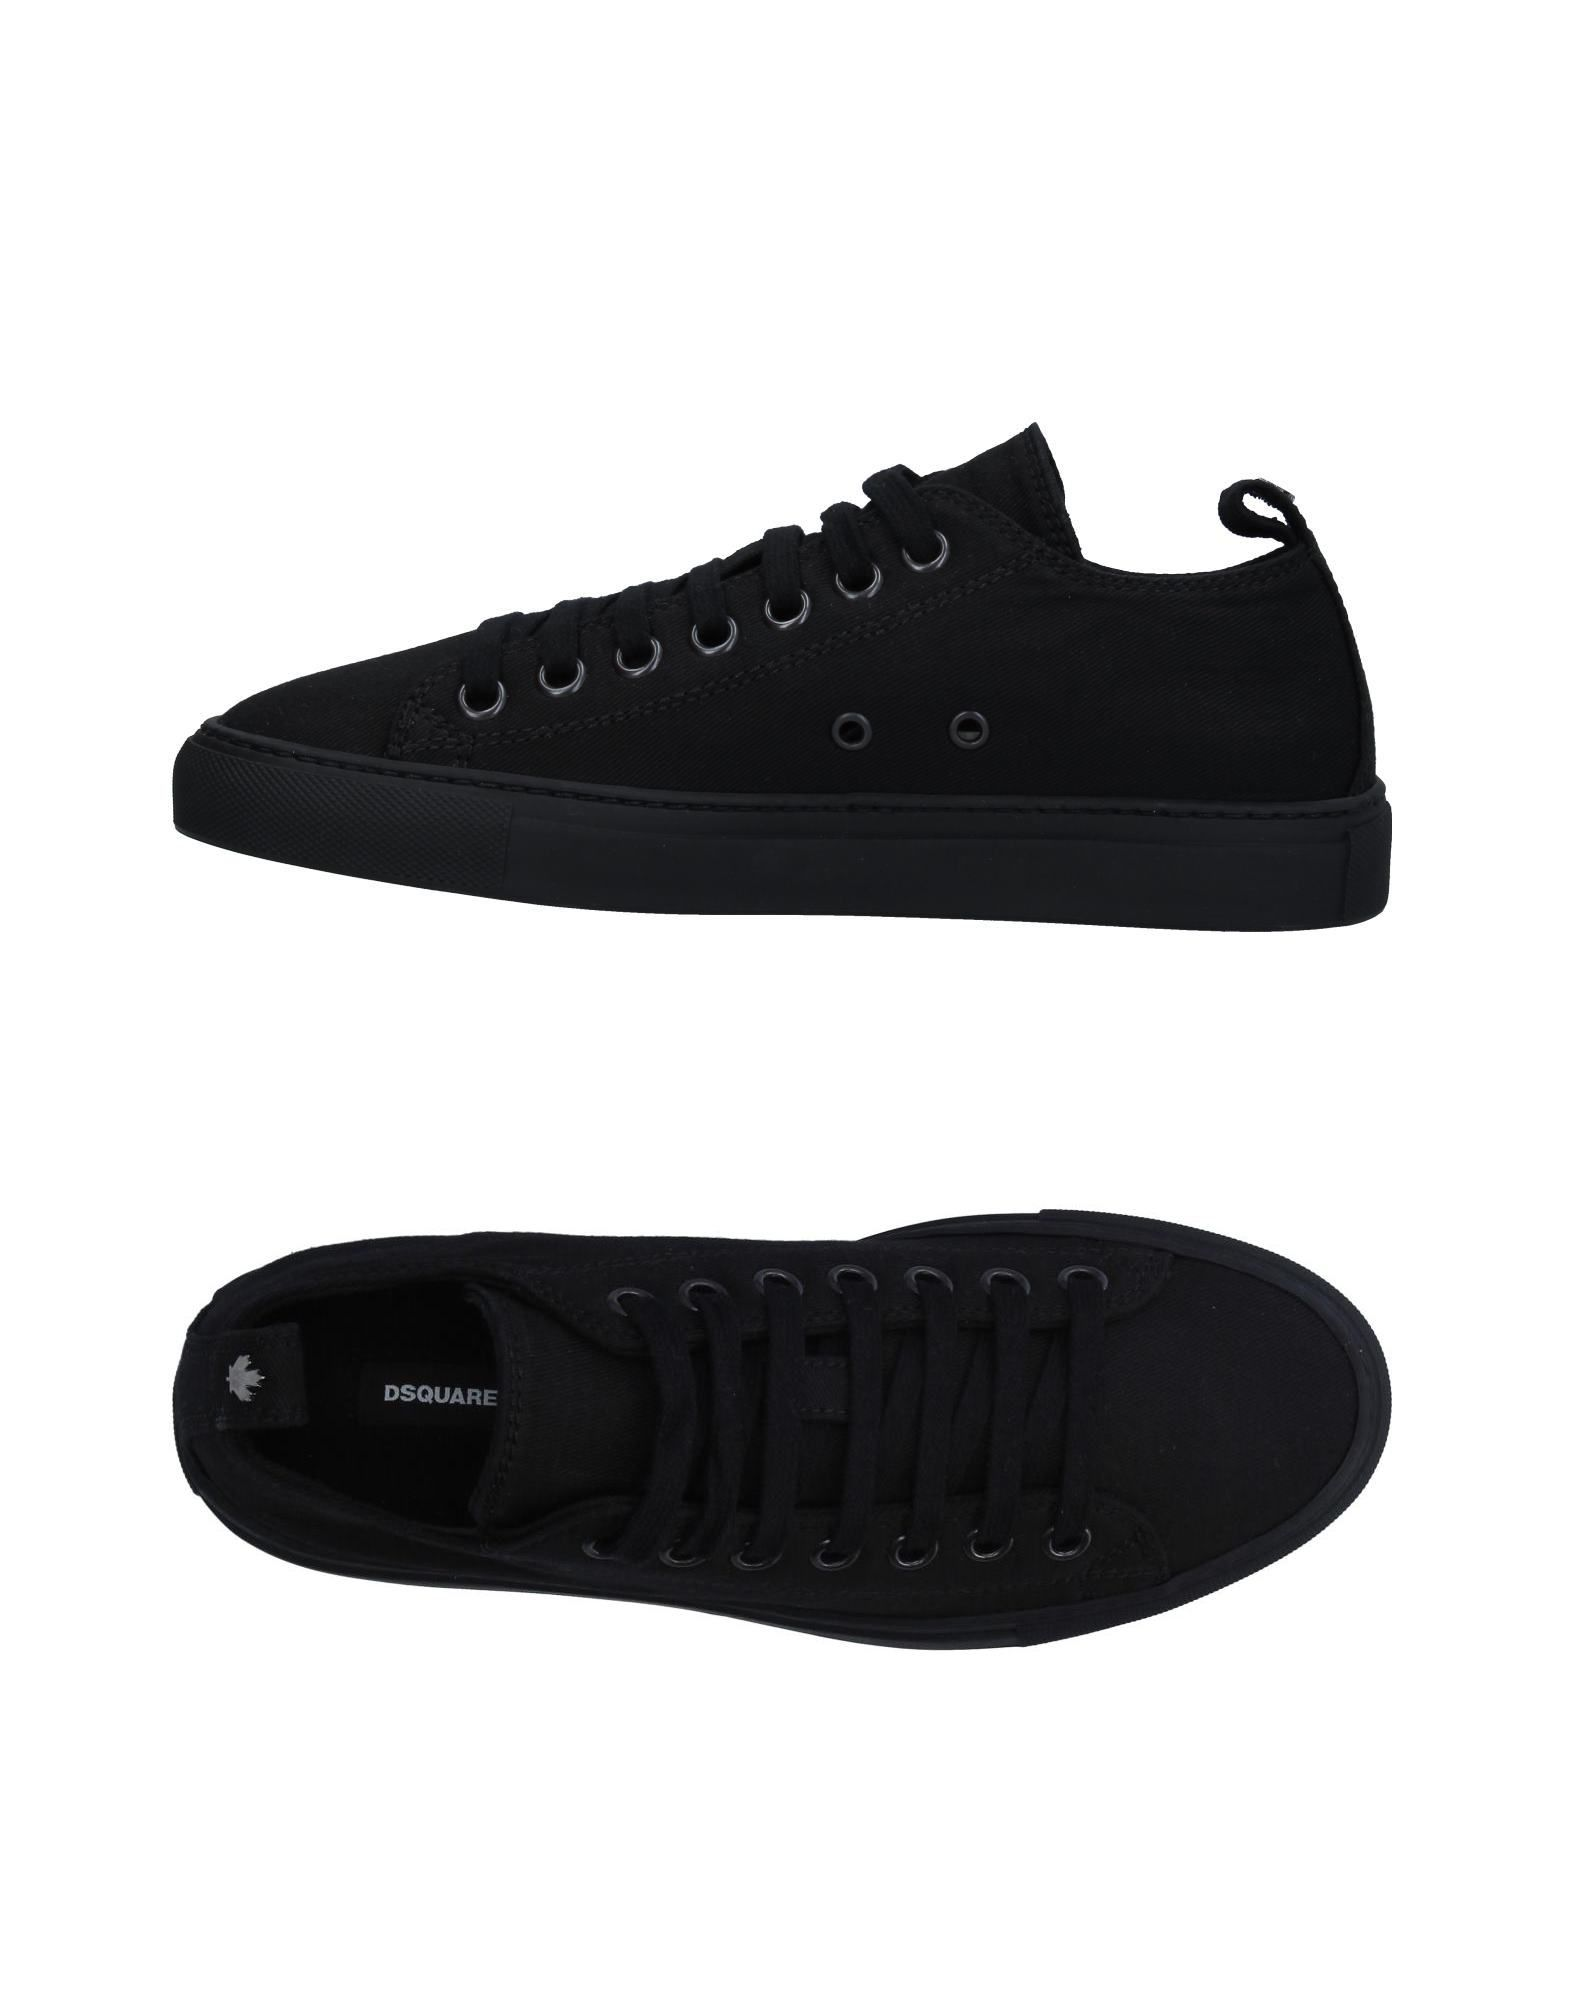 Los de últimos zapatos de Los descuento para hombres y mujeres  Zapatillas Dsquared2 Hombre - Zapatillas Dsquared2 400104